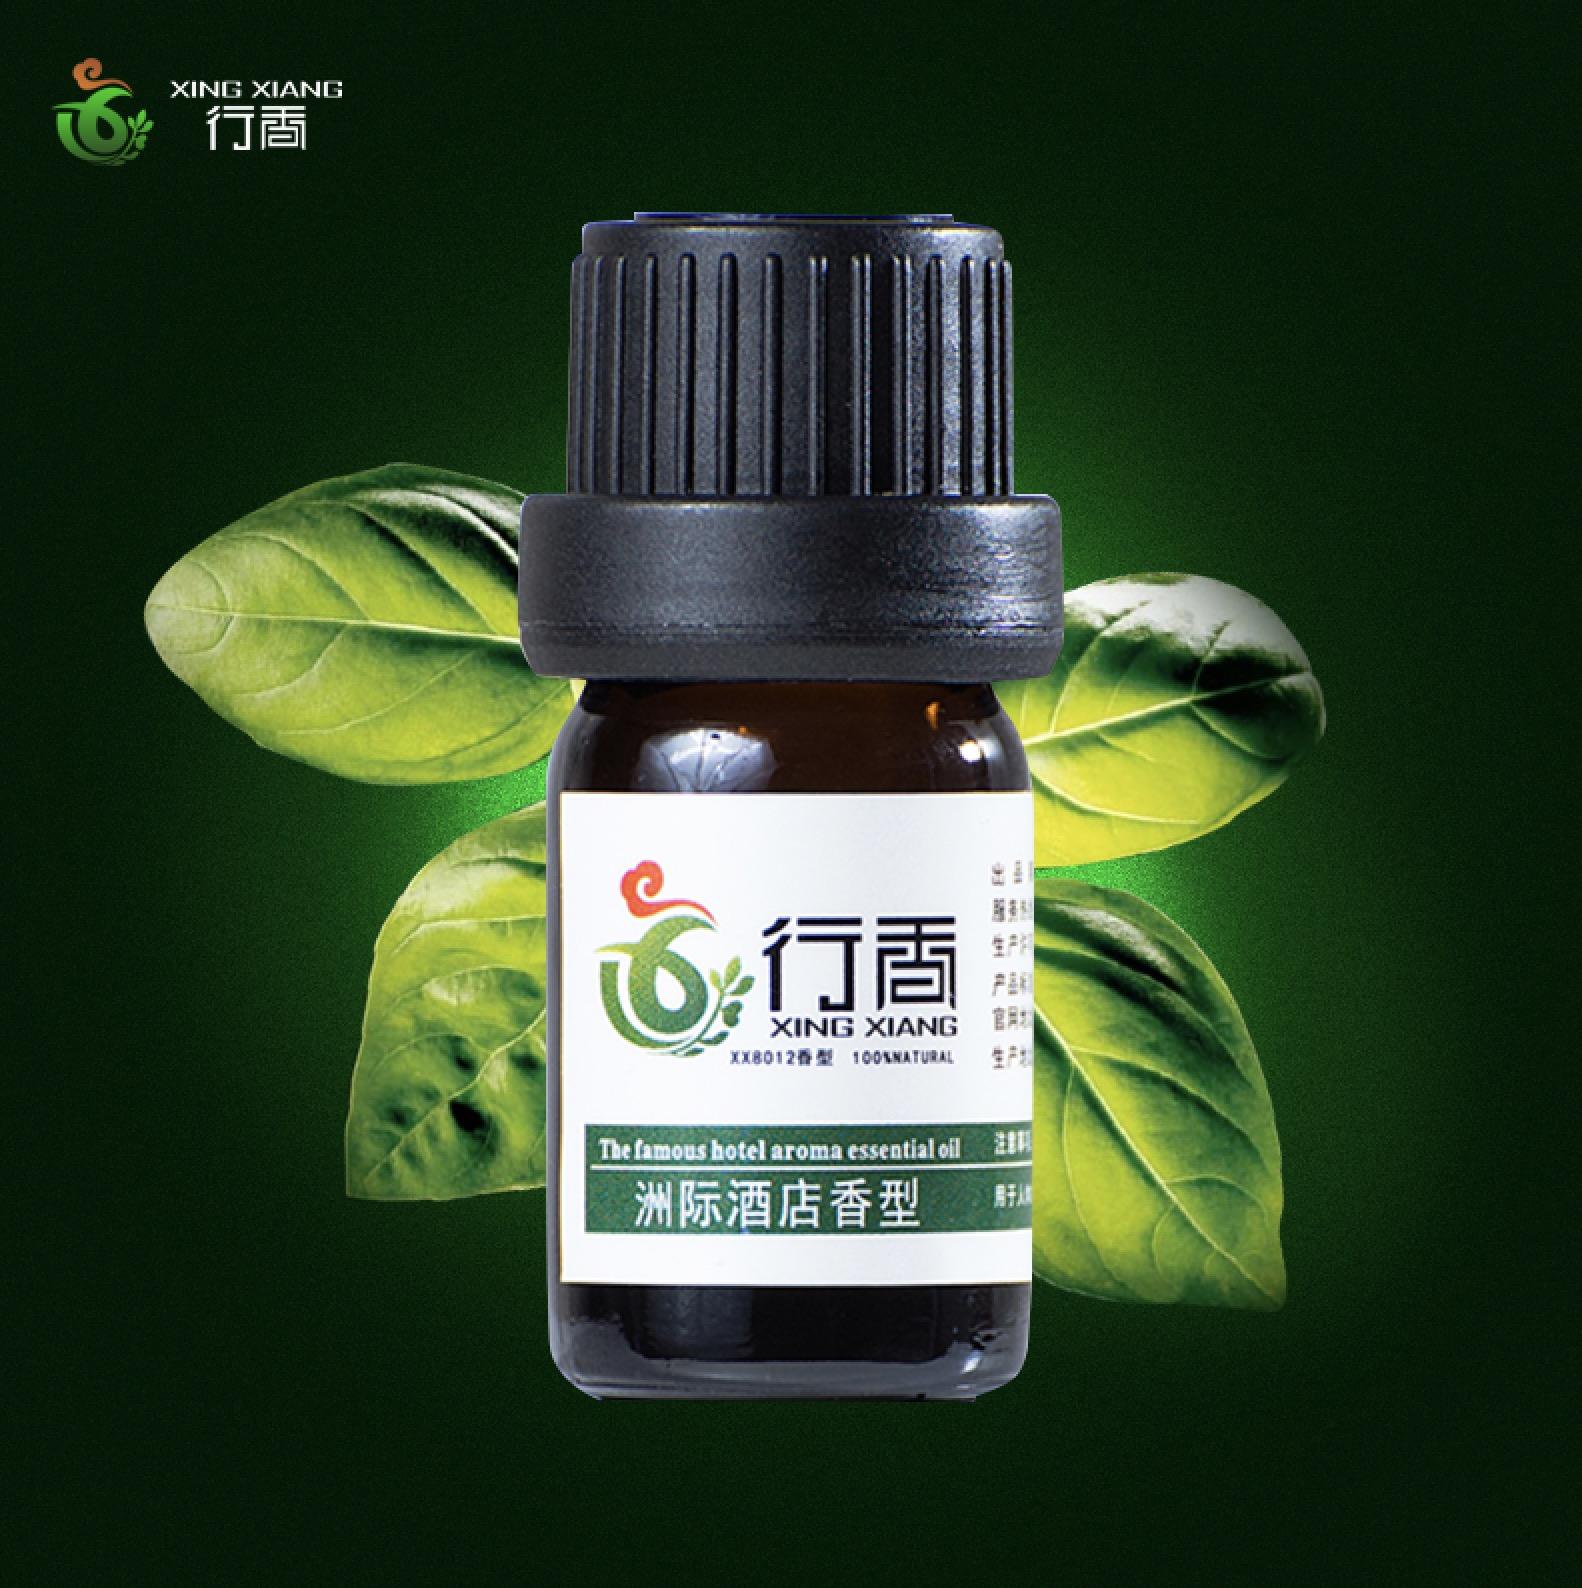 香薰精油香格里拉酒店香味家用卧室卫生间加湿器专用熏香房间香水